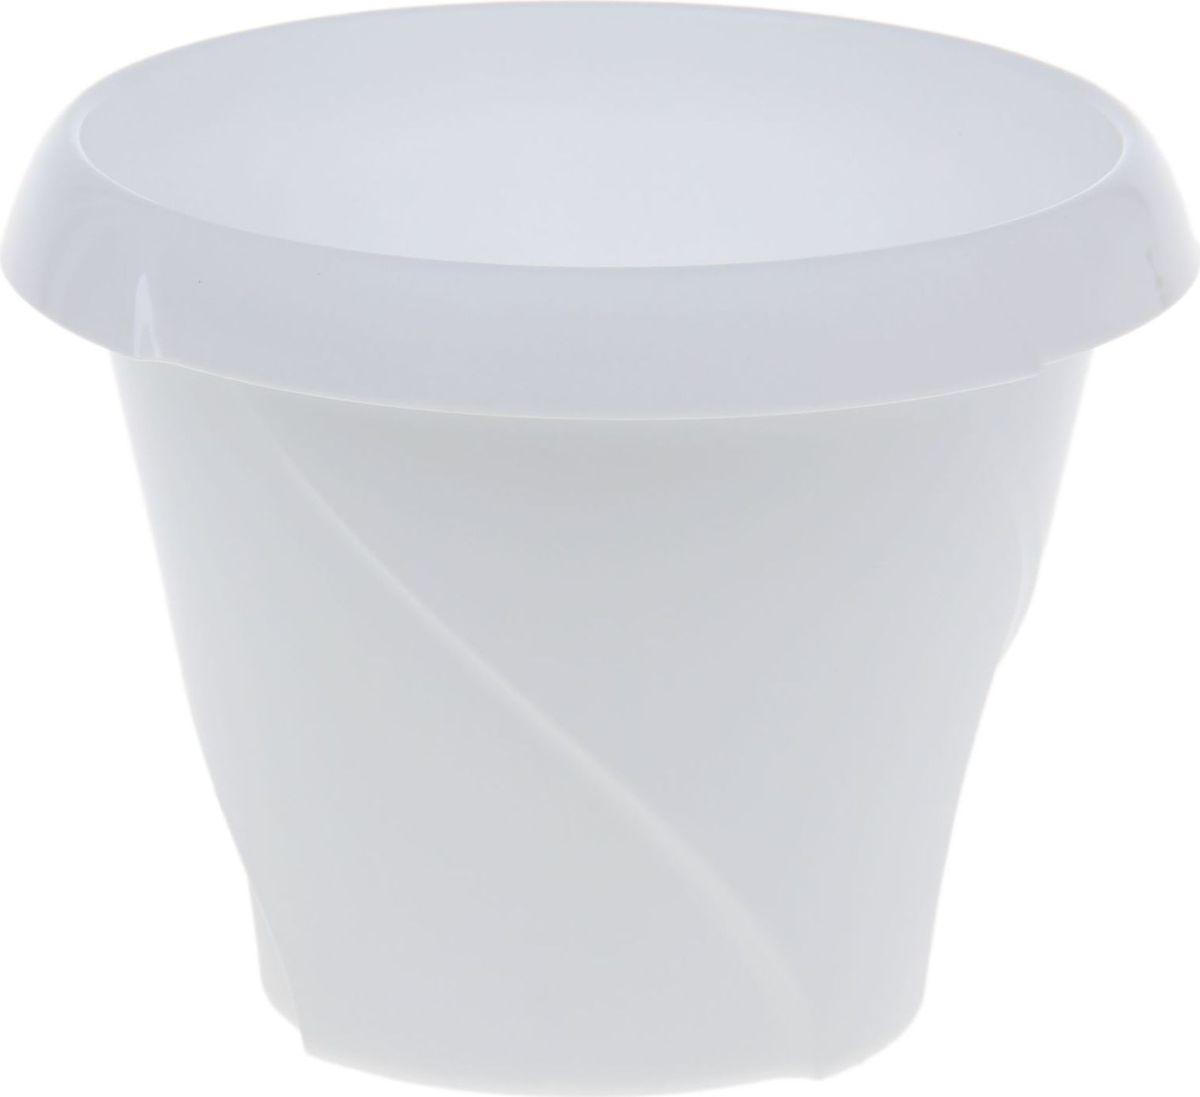 Кашпо Martika Флориана, цвет: белый, 0,7 л531-103Любой, даже самый современный и продуманный интерьер будет не завершённым без растений. Они не только очищают воздух и насыщают его кислородом, но и заметно украшают окружающее пространство. Такому полезному члену семьи просто необходимо красивое и функциональное кашпо, оригинальный горшок или необычная ваза! Мы предлагаем - Кашпо 700 мл Флориана, d=13,5 см, цвет белый! Оптимальный выбор материала пластмасса! Почему мы так считаем? -Малый вес. С лёгкостью переносите горшки и кашпо с места на место, ставьте их на столики или полки, подвешивайте под потолок, не беспокоясь о нагрузке. -Простота ухода. Пластиковые изделия не нуждаются в специальных условиях хранения. Их легко чистить достаточно просто сполоснуть тёплой водой. -Никаких царапин. Пластиковые кашпо не царапают и не загрязняют поверхности, на которых стоят. -Пластик дольше хранит влагу, а значит растение реже нуждается в поливе. -Пластмасса не пропускает воздух корневой системе растения не грозят резкие перепады температур. -Огромный выбор форм, декора и расцветок вы без труда подберёте что-то, что идеально впишется в уже существующий интерьер. Соблюдая нехитрые правила ухода, вы можете заметно продлить срок службы горшков, вазонов и кашпо из пластика: -всегда учитывайте размер кроны и корневой системы растения (при разрастании большое растение способно повредить маленький горшок)-берегите изделие от воздействия прямых солнечных лучей, чтобы кашпо и горшки не выцветали-держите кашпо и горшки из пластика подальше от нагревающихся поверхностей. Создавайте прекрасные цветочные композиции, выращивайте рассаду или необычные растения, а низкие цены позволят вам не ограничивать себя в выборе.